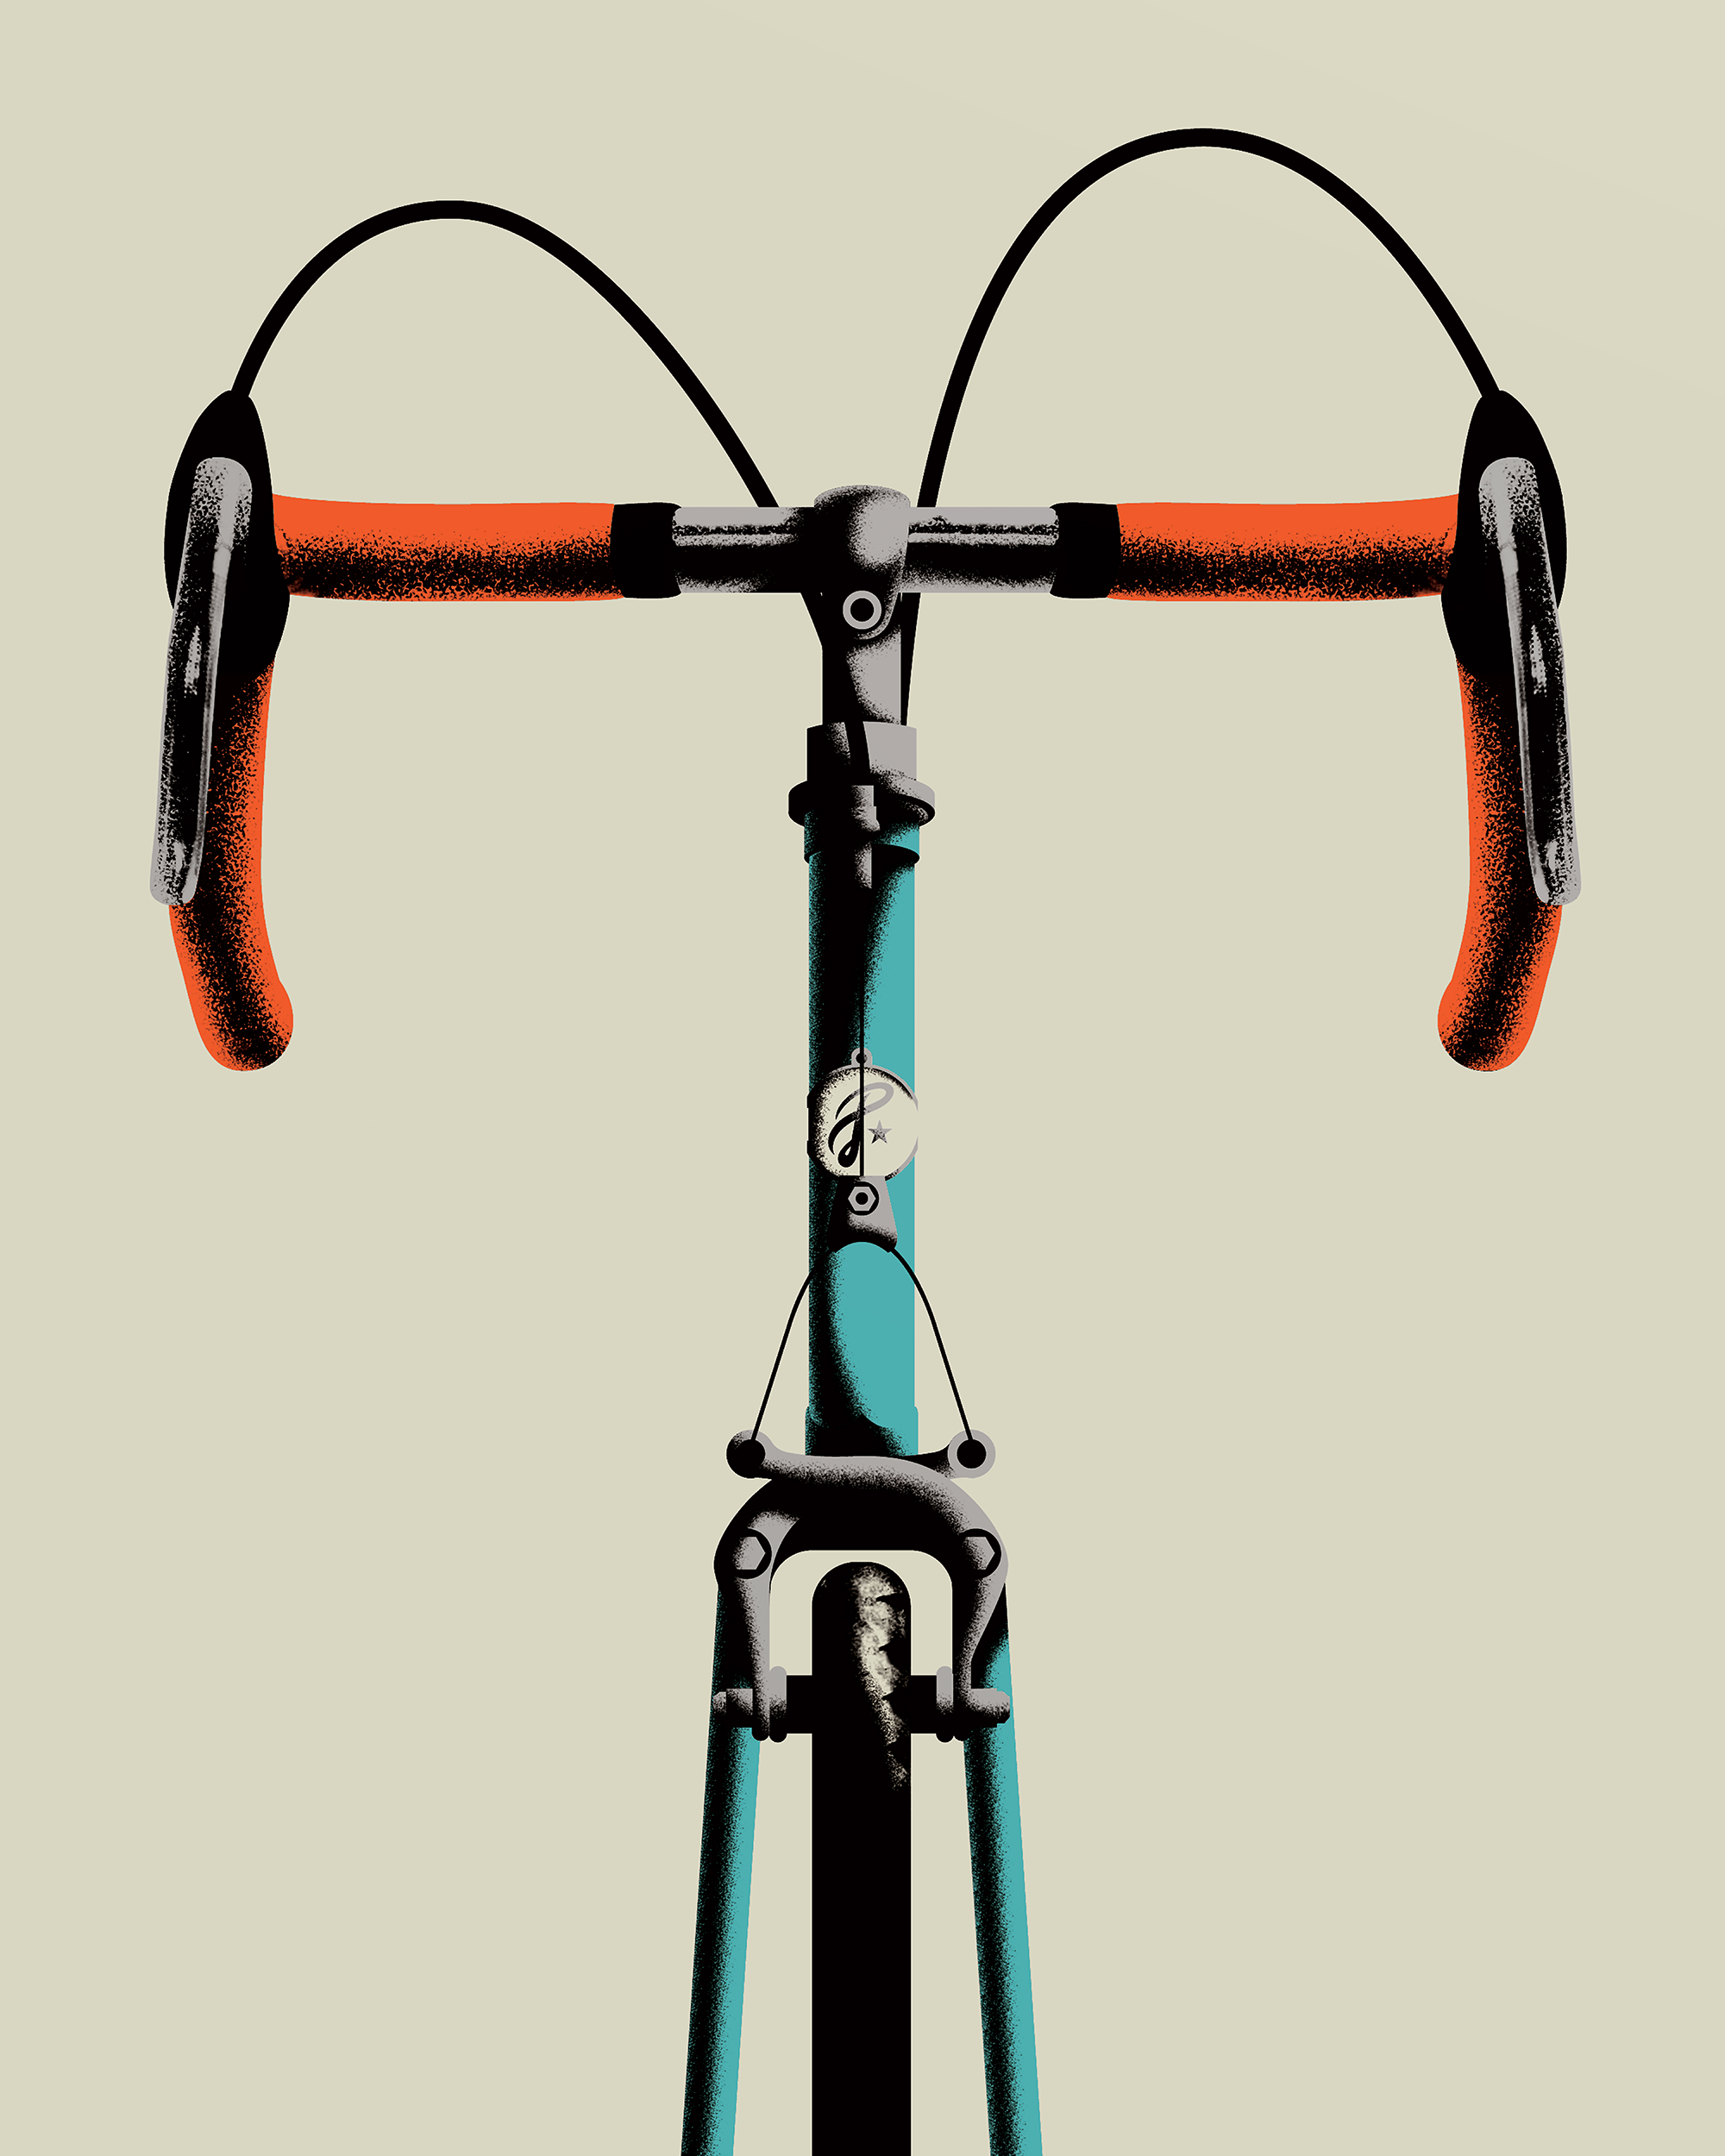 Bike3.png